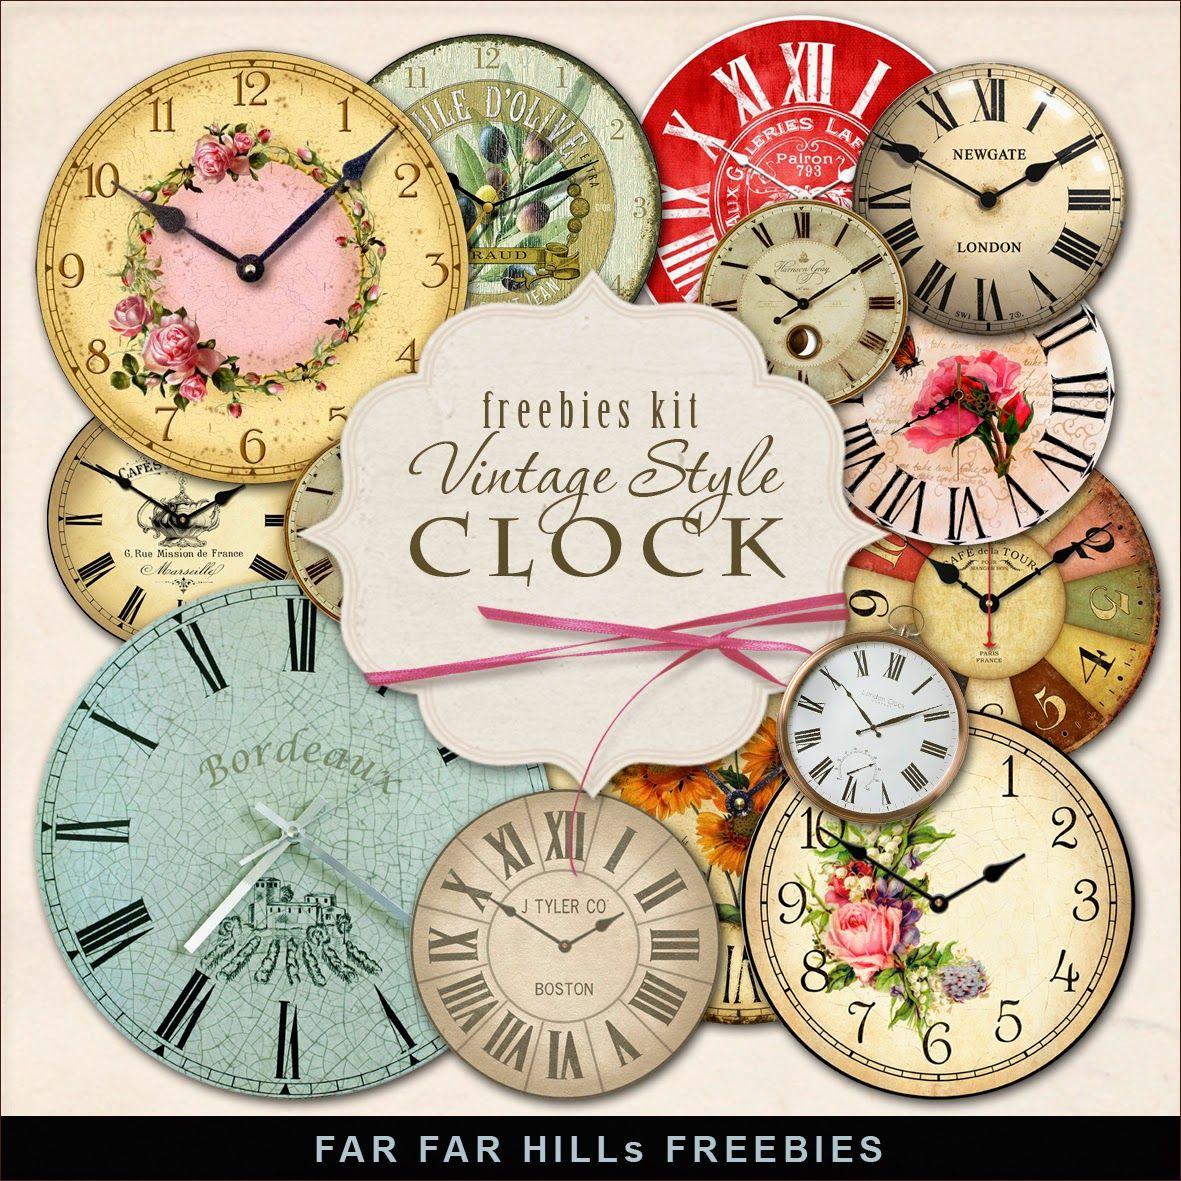 Far Far Hill New Freebies Kit of Vintage Style Clock